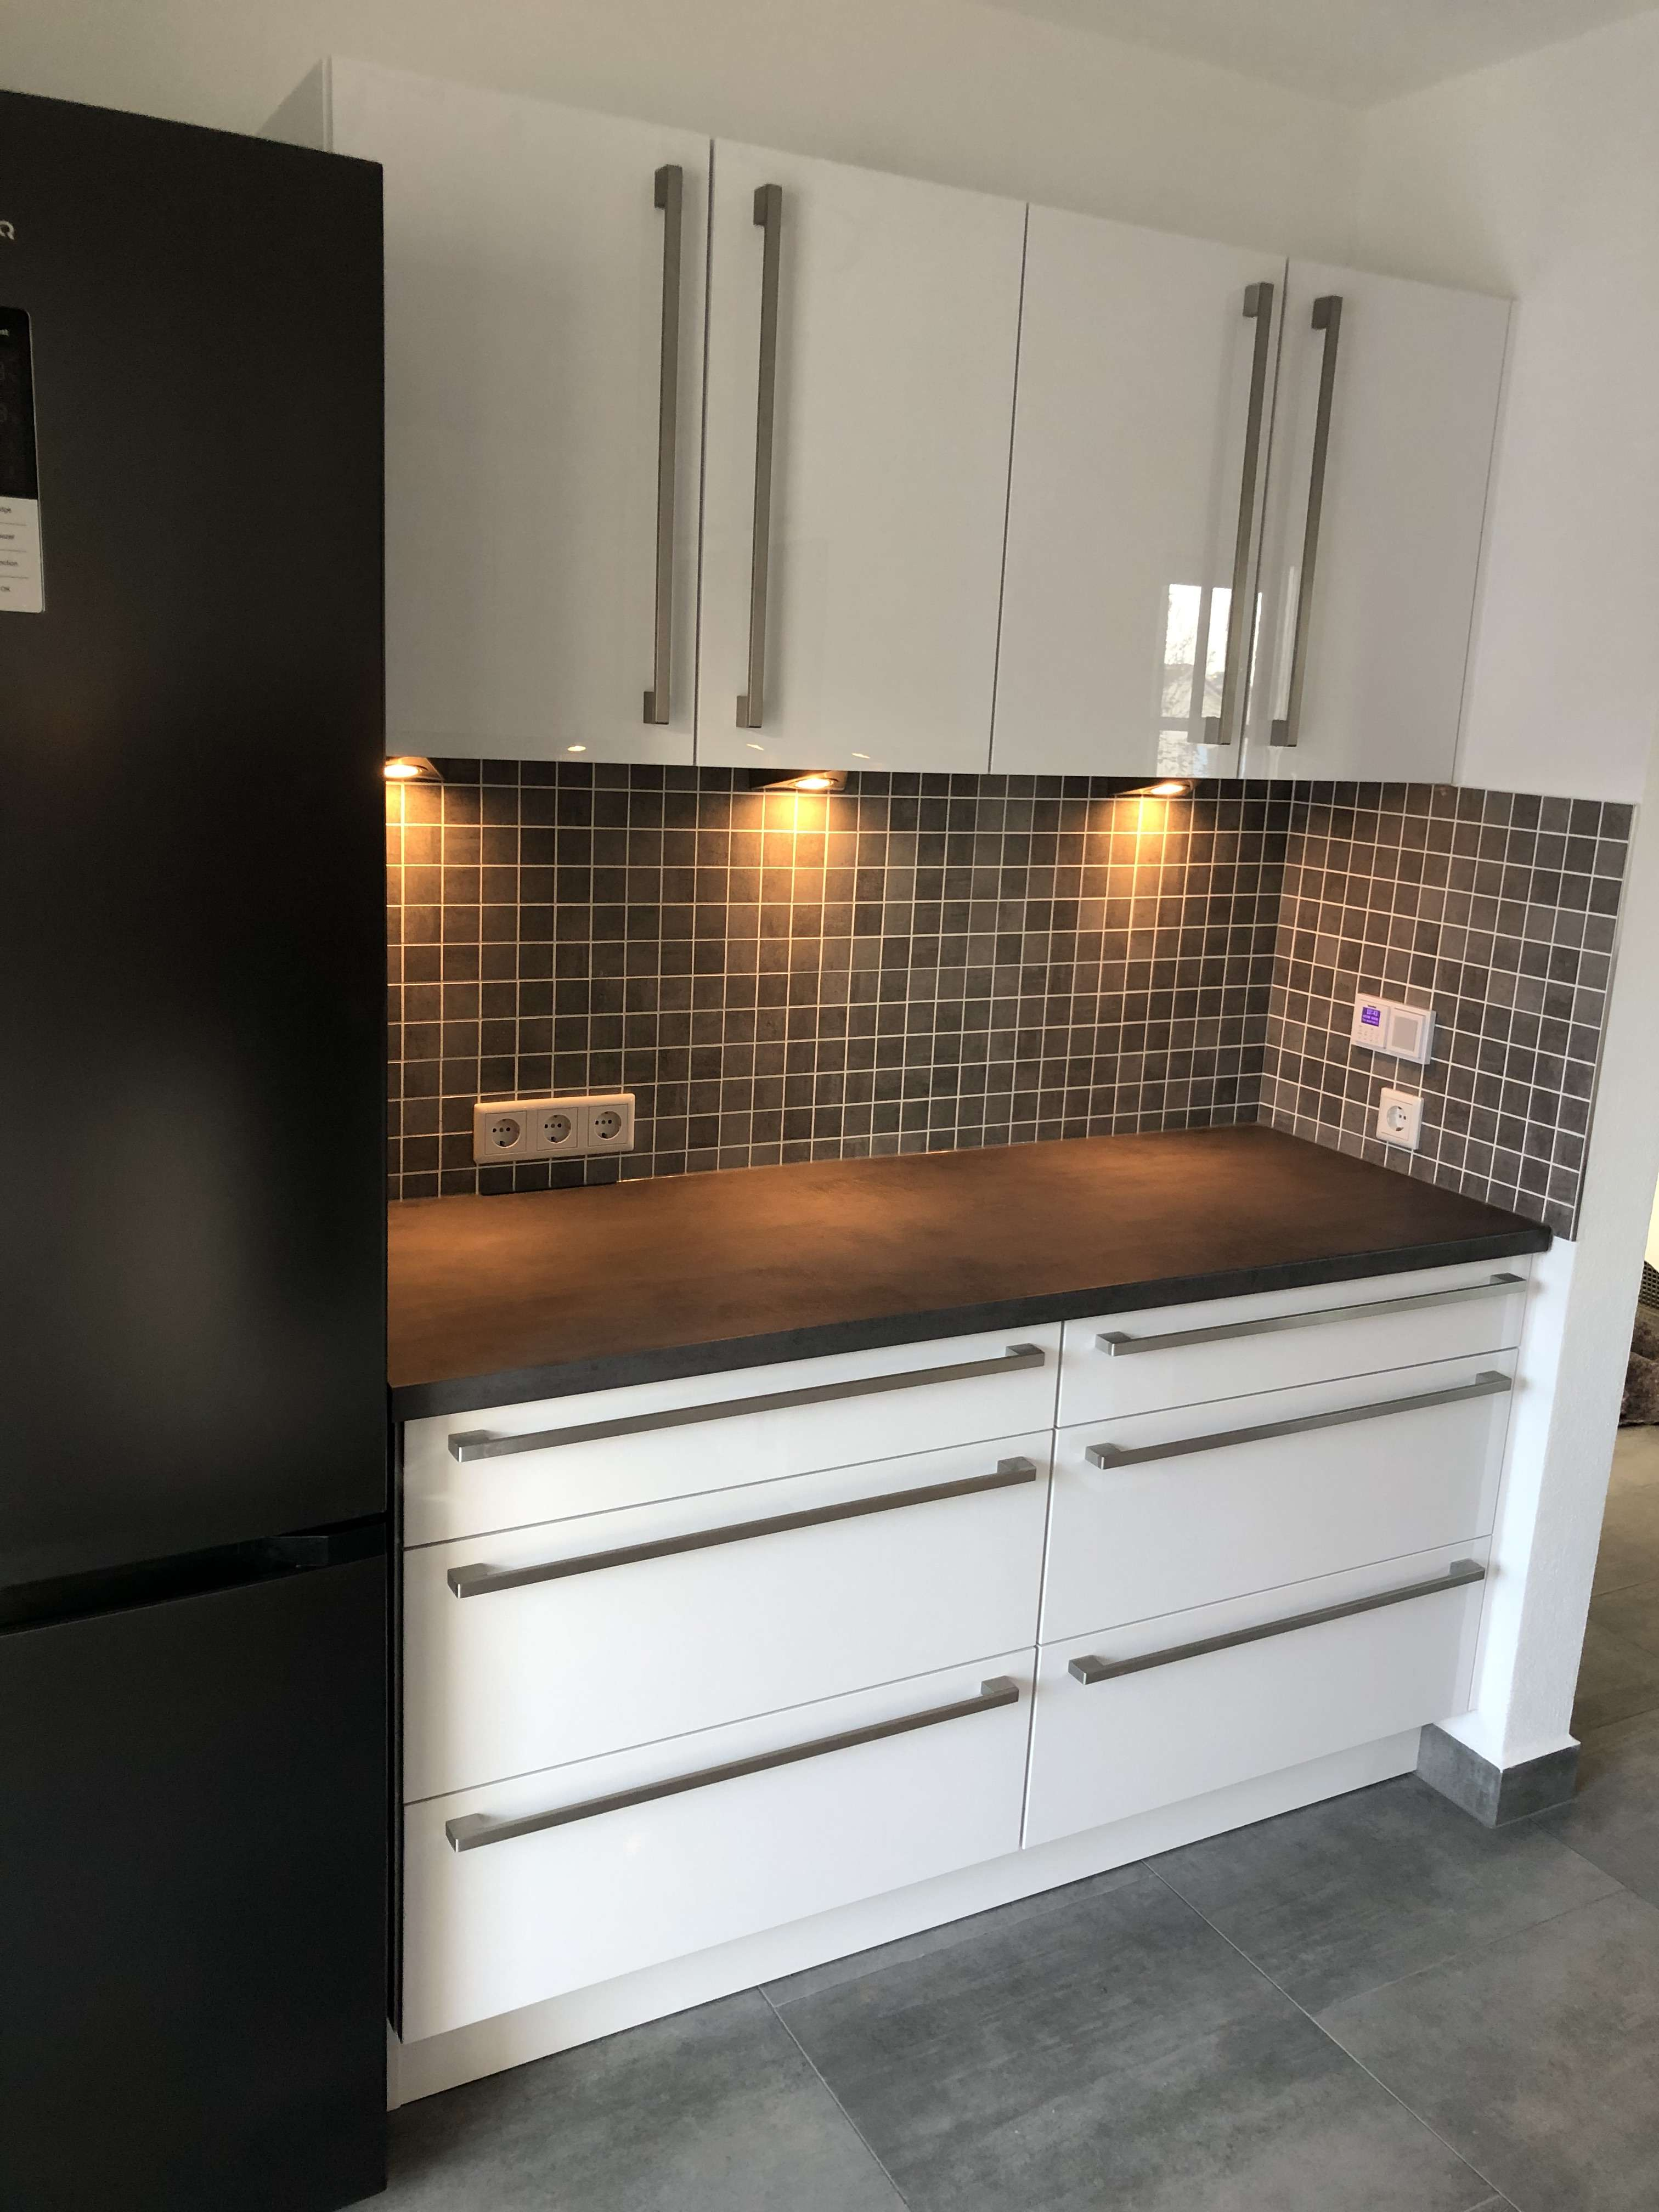 2,5 Zimmer EG Wohnung mit Terrasse in Pfaffenhofen an der Ilm gute Wohnlage in